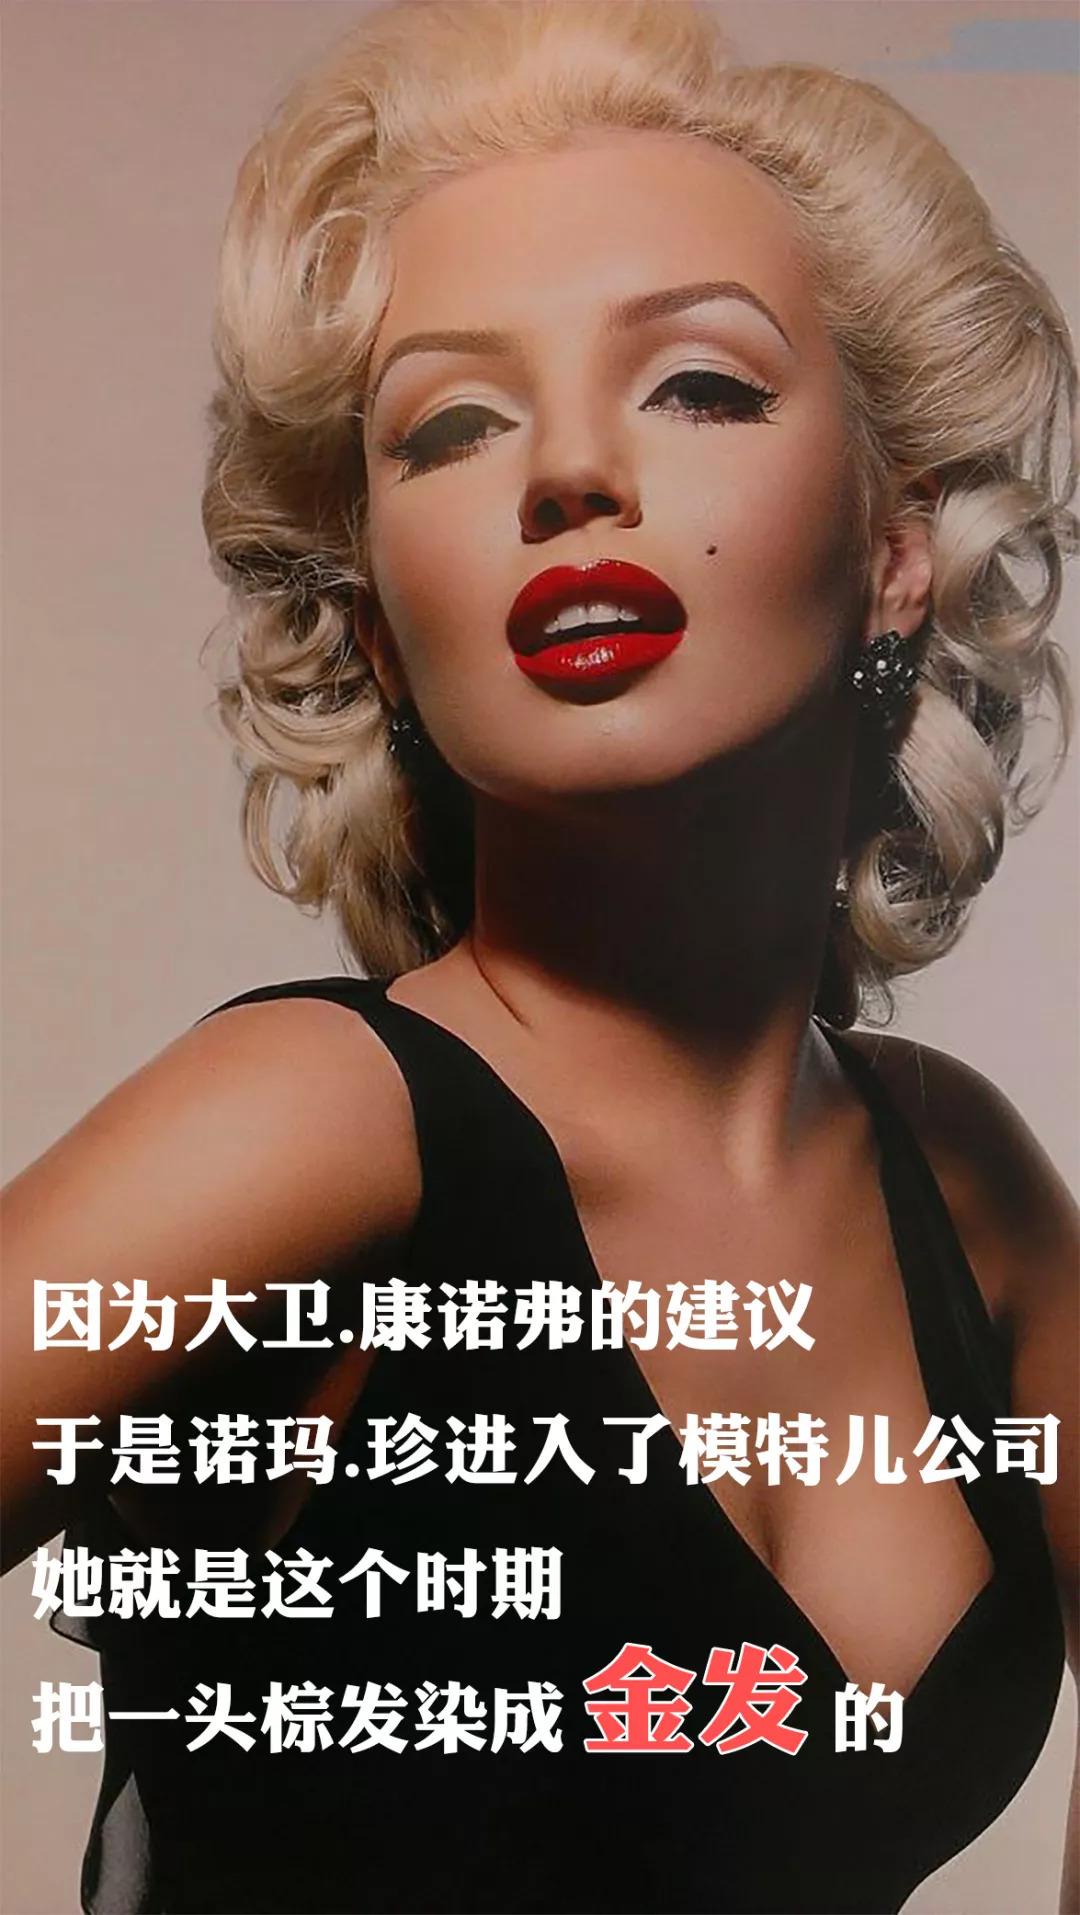 专栏时尚编辑强推第四弹,金色卷发一个时代的标签图片